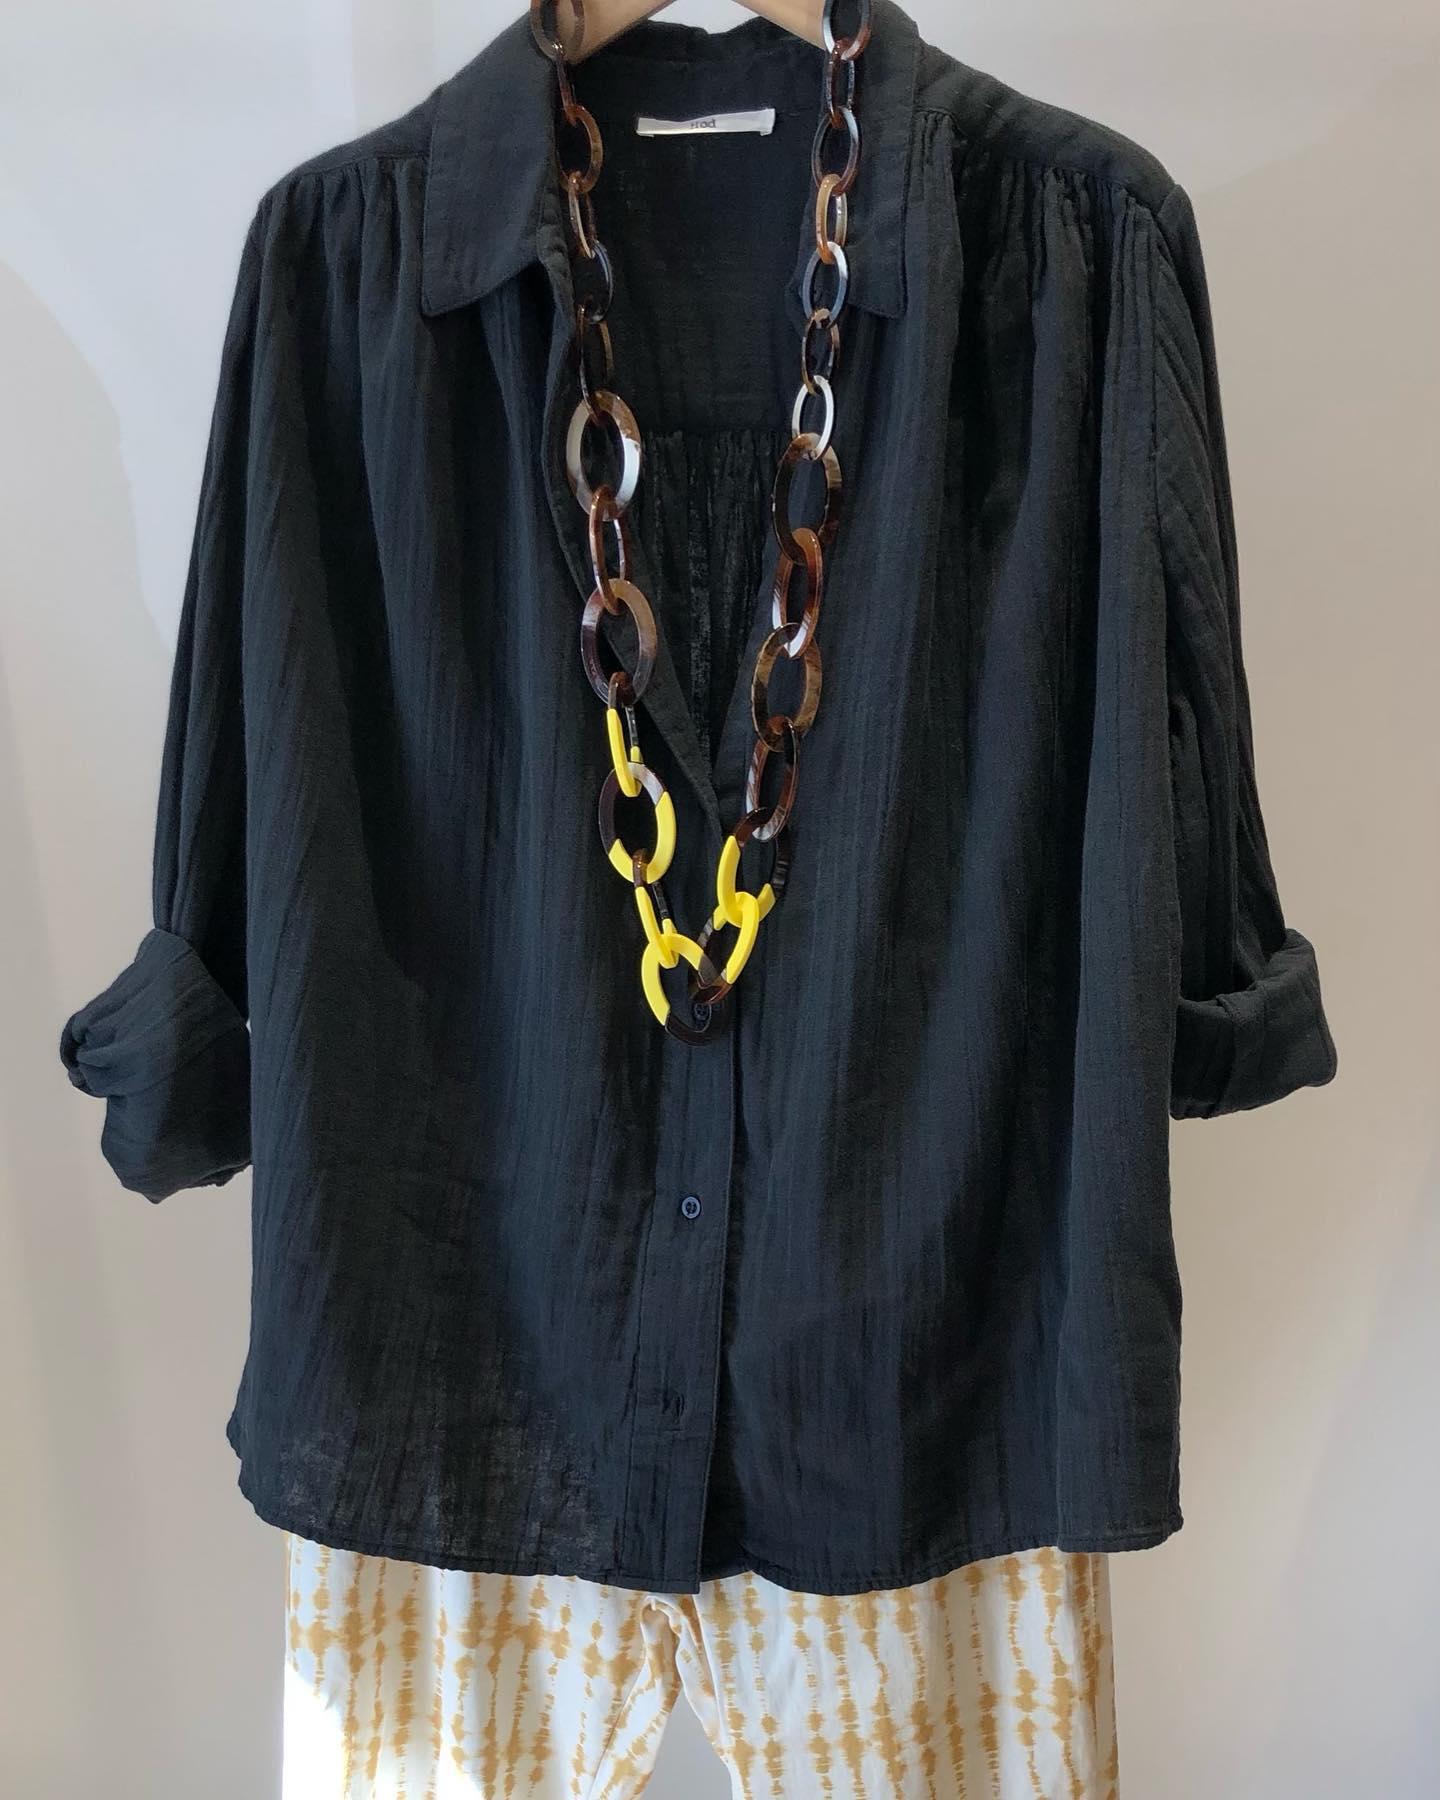 La chemise Madrid en noir fané @hod_parishttps://www.instagram.com/p/CLtlmA9lIYS/